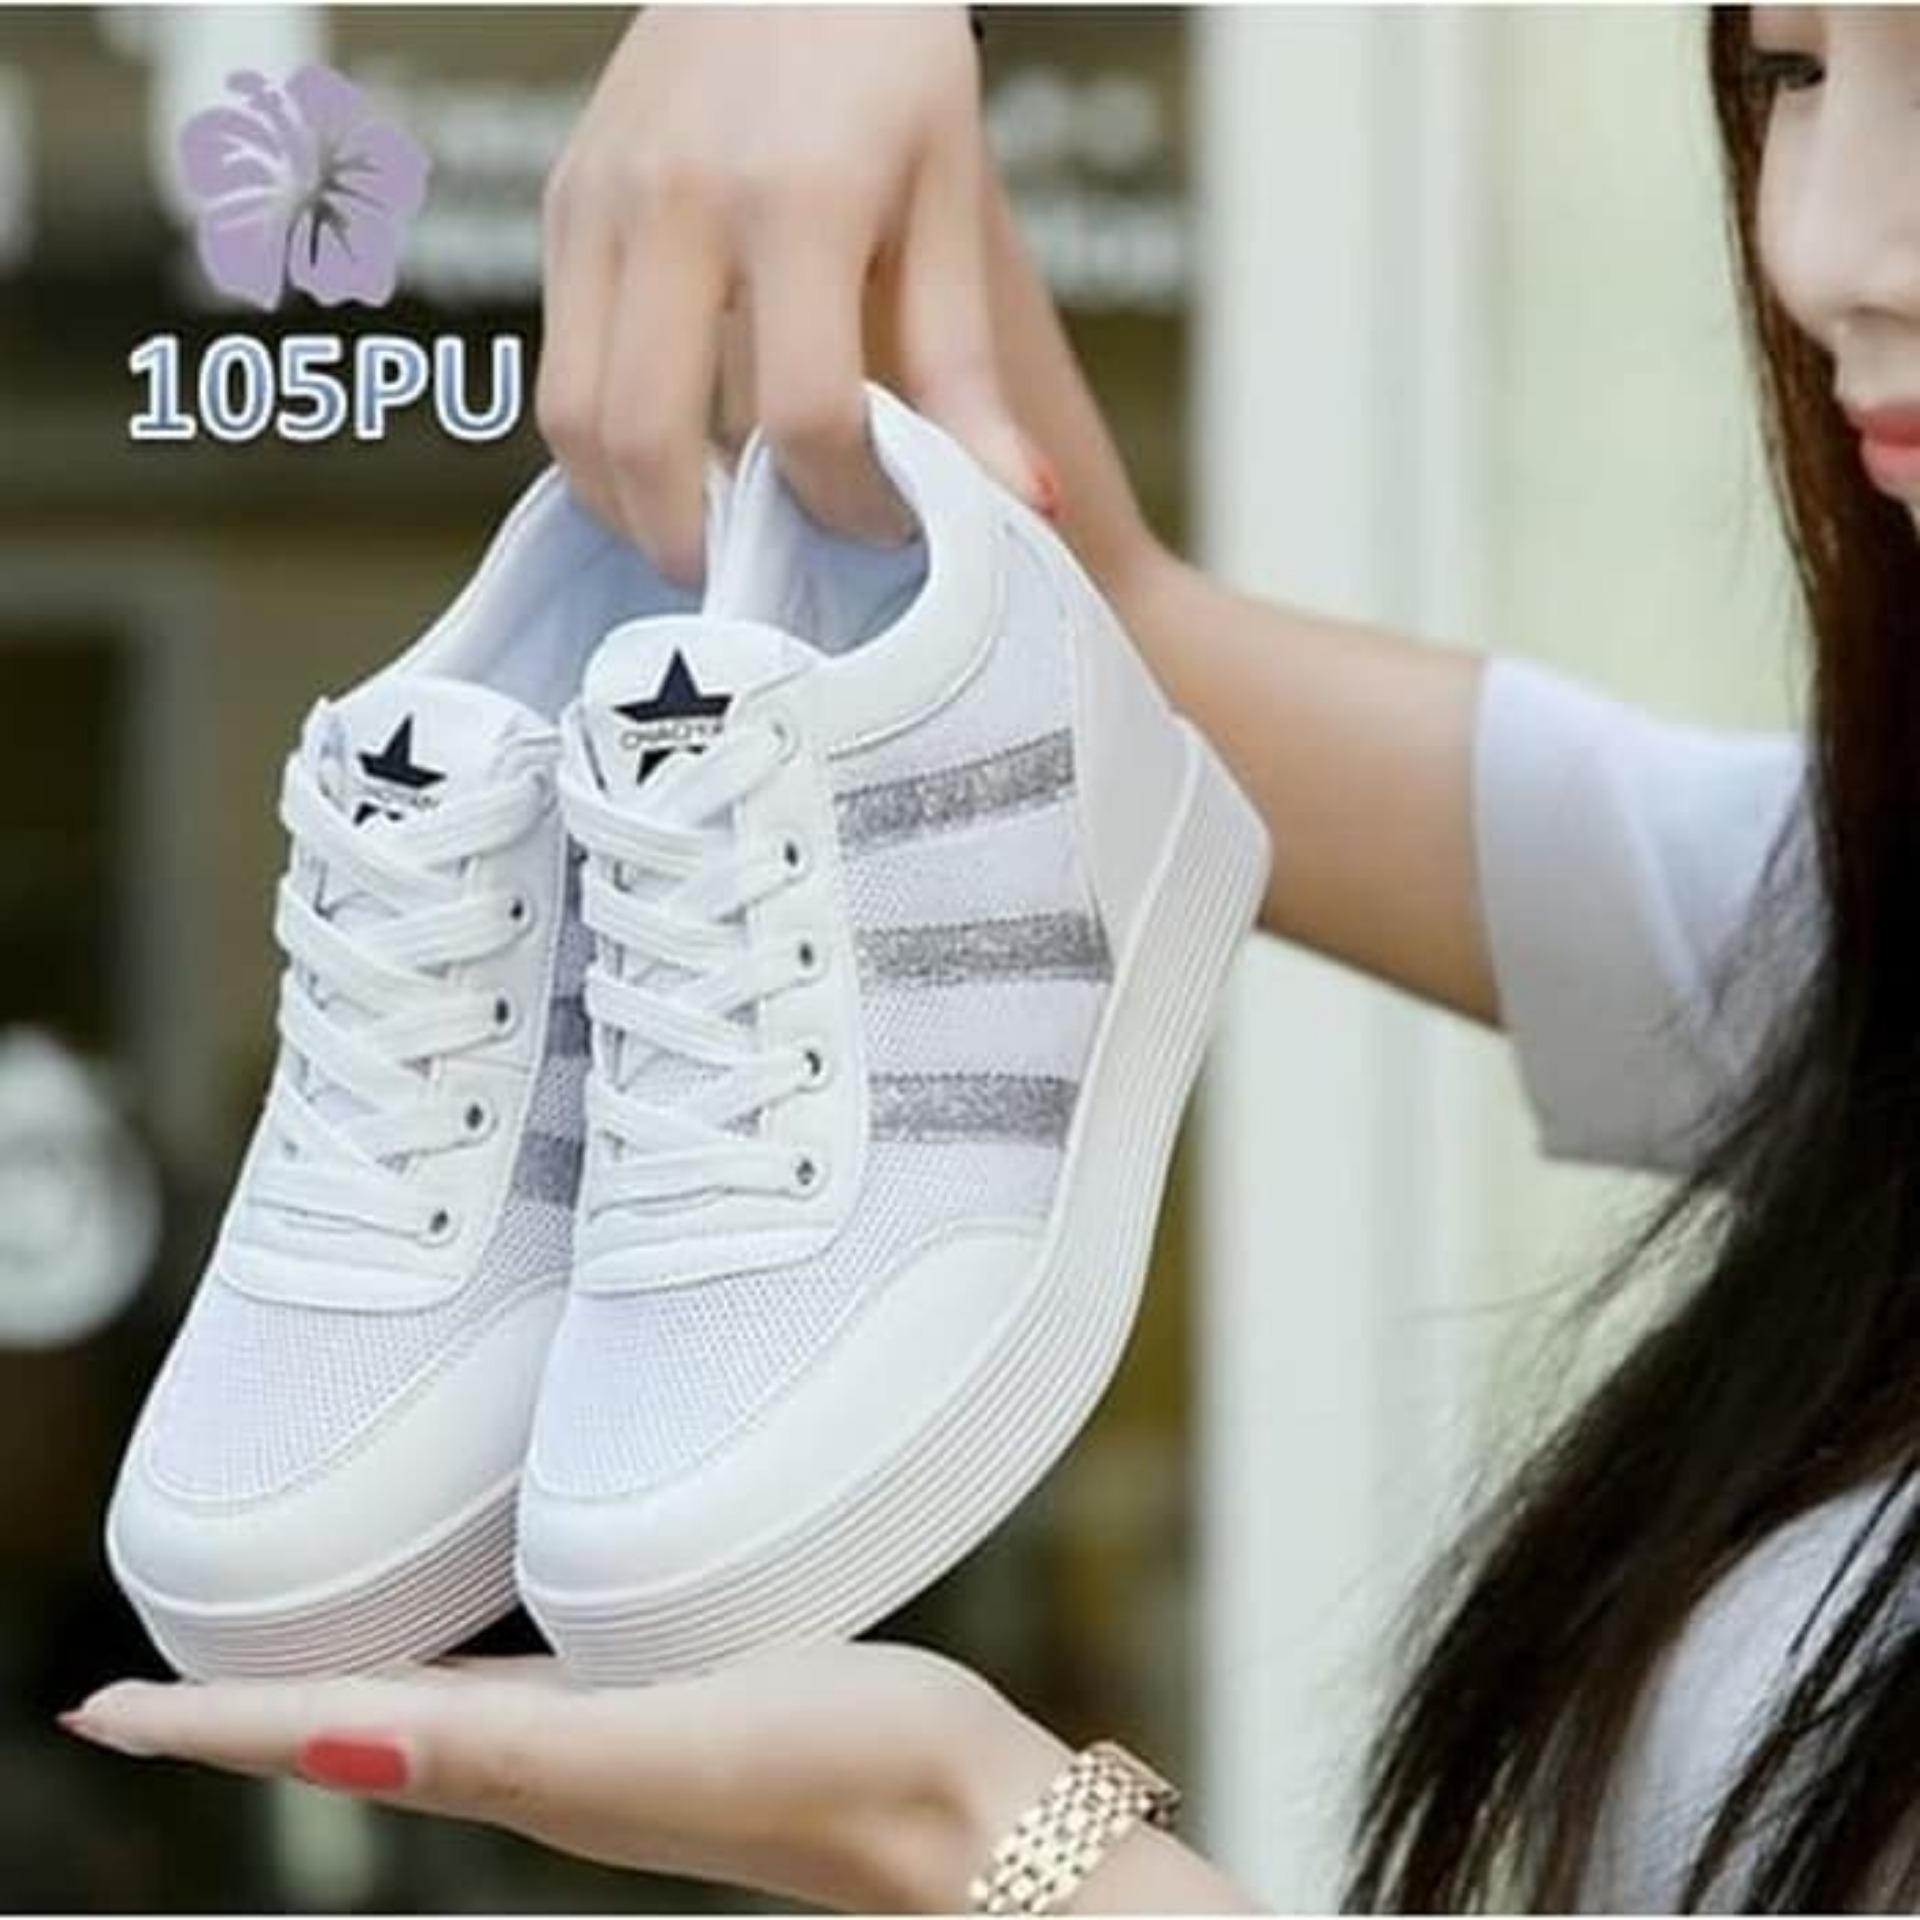 Jual Sepatu Converse Ct Chuck Taylor 2 All Star Retro Motif Tribal Original Vietnam Sneakers Wedges Stripe Renda Putih Bs